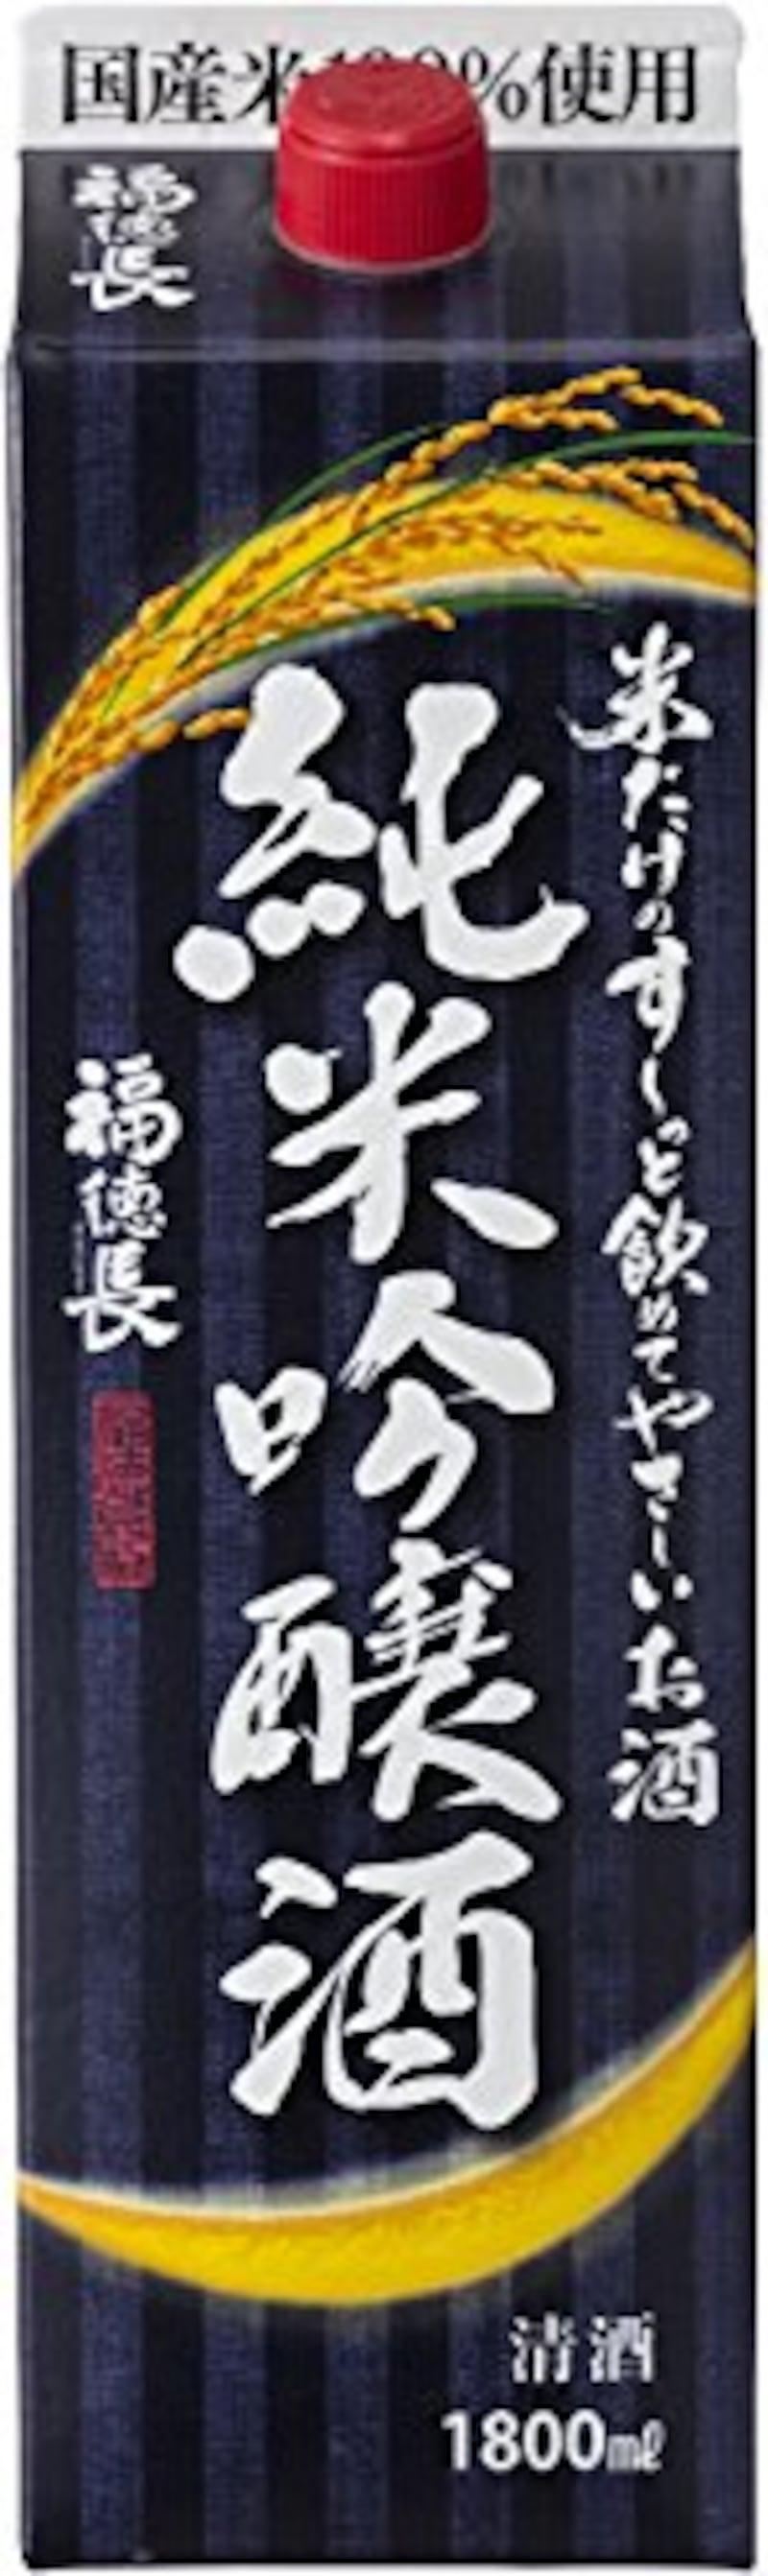 福徳長,米だけのすーっと飲めてやさしいお酒純米吟醸酒